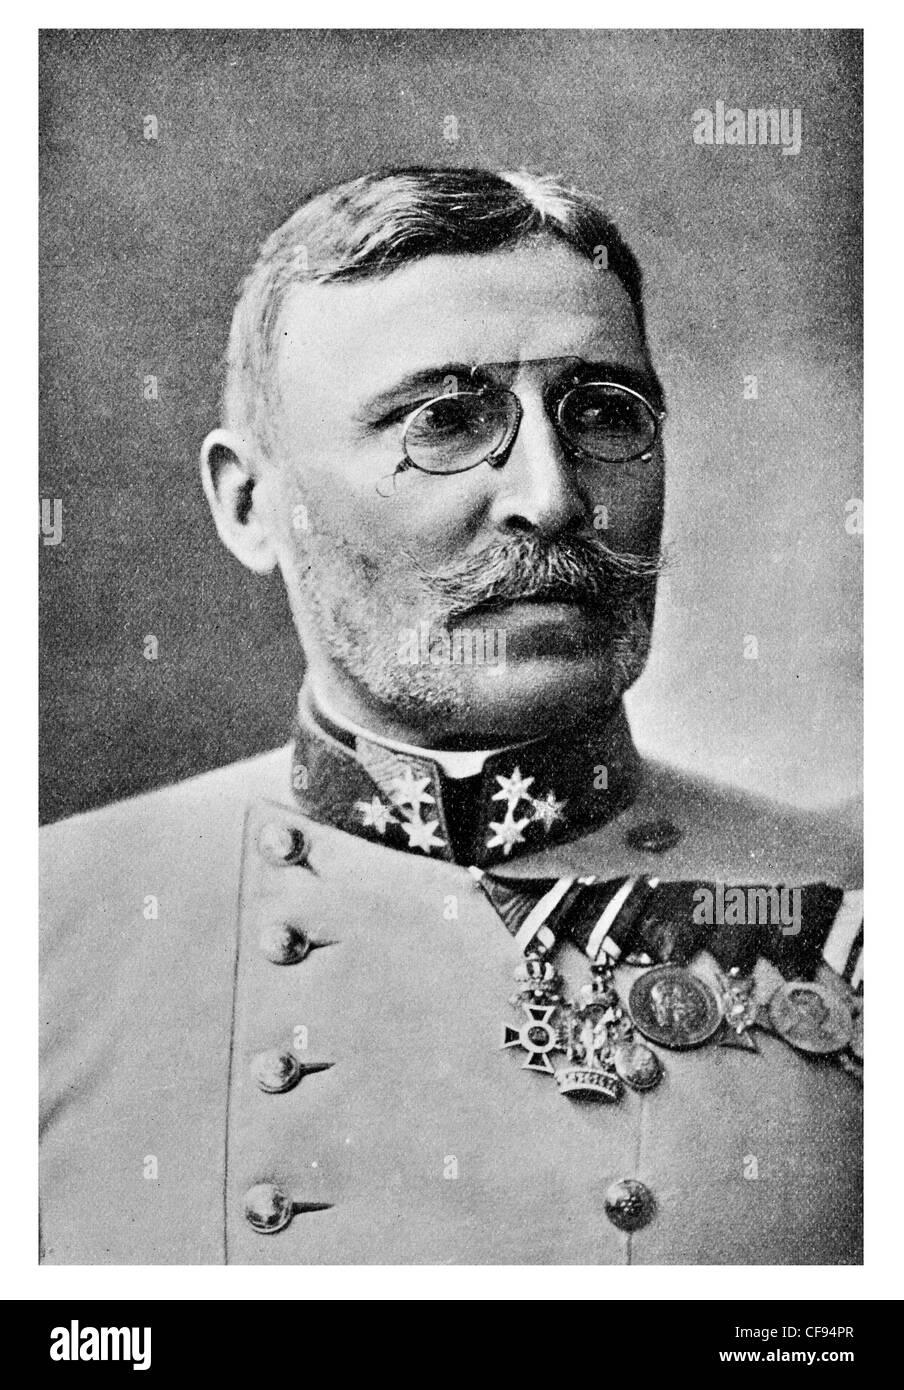 Moritz Freiherr von Auffenberg, Graf von Komarów, born Moritz Ritter von Auffenberg (May 22, 1852, Opava, Austrian - Stock Image